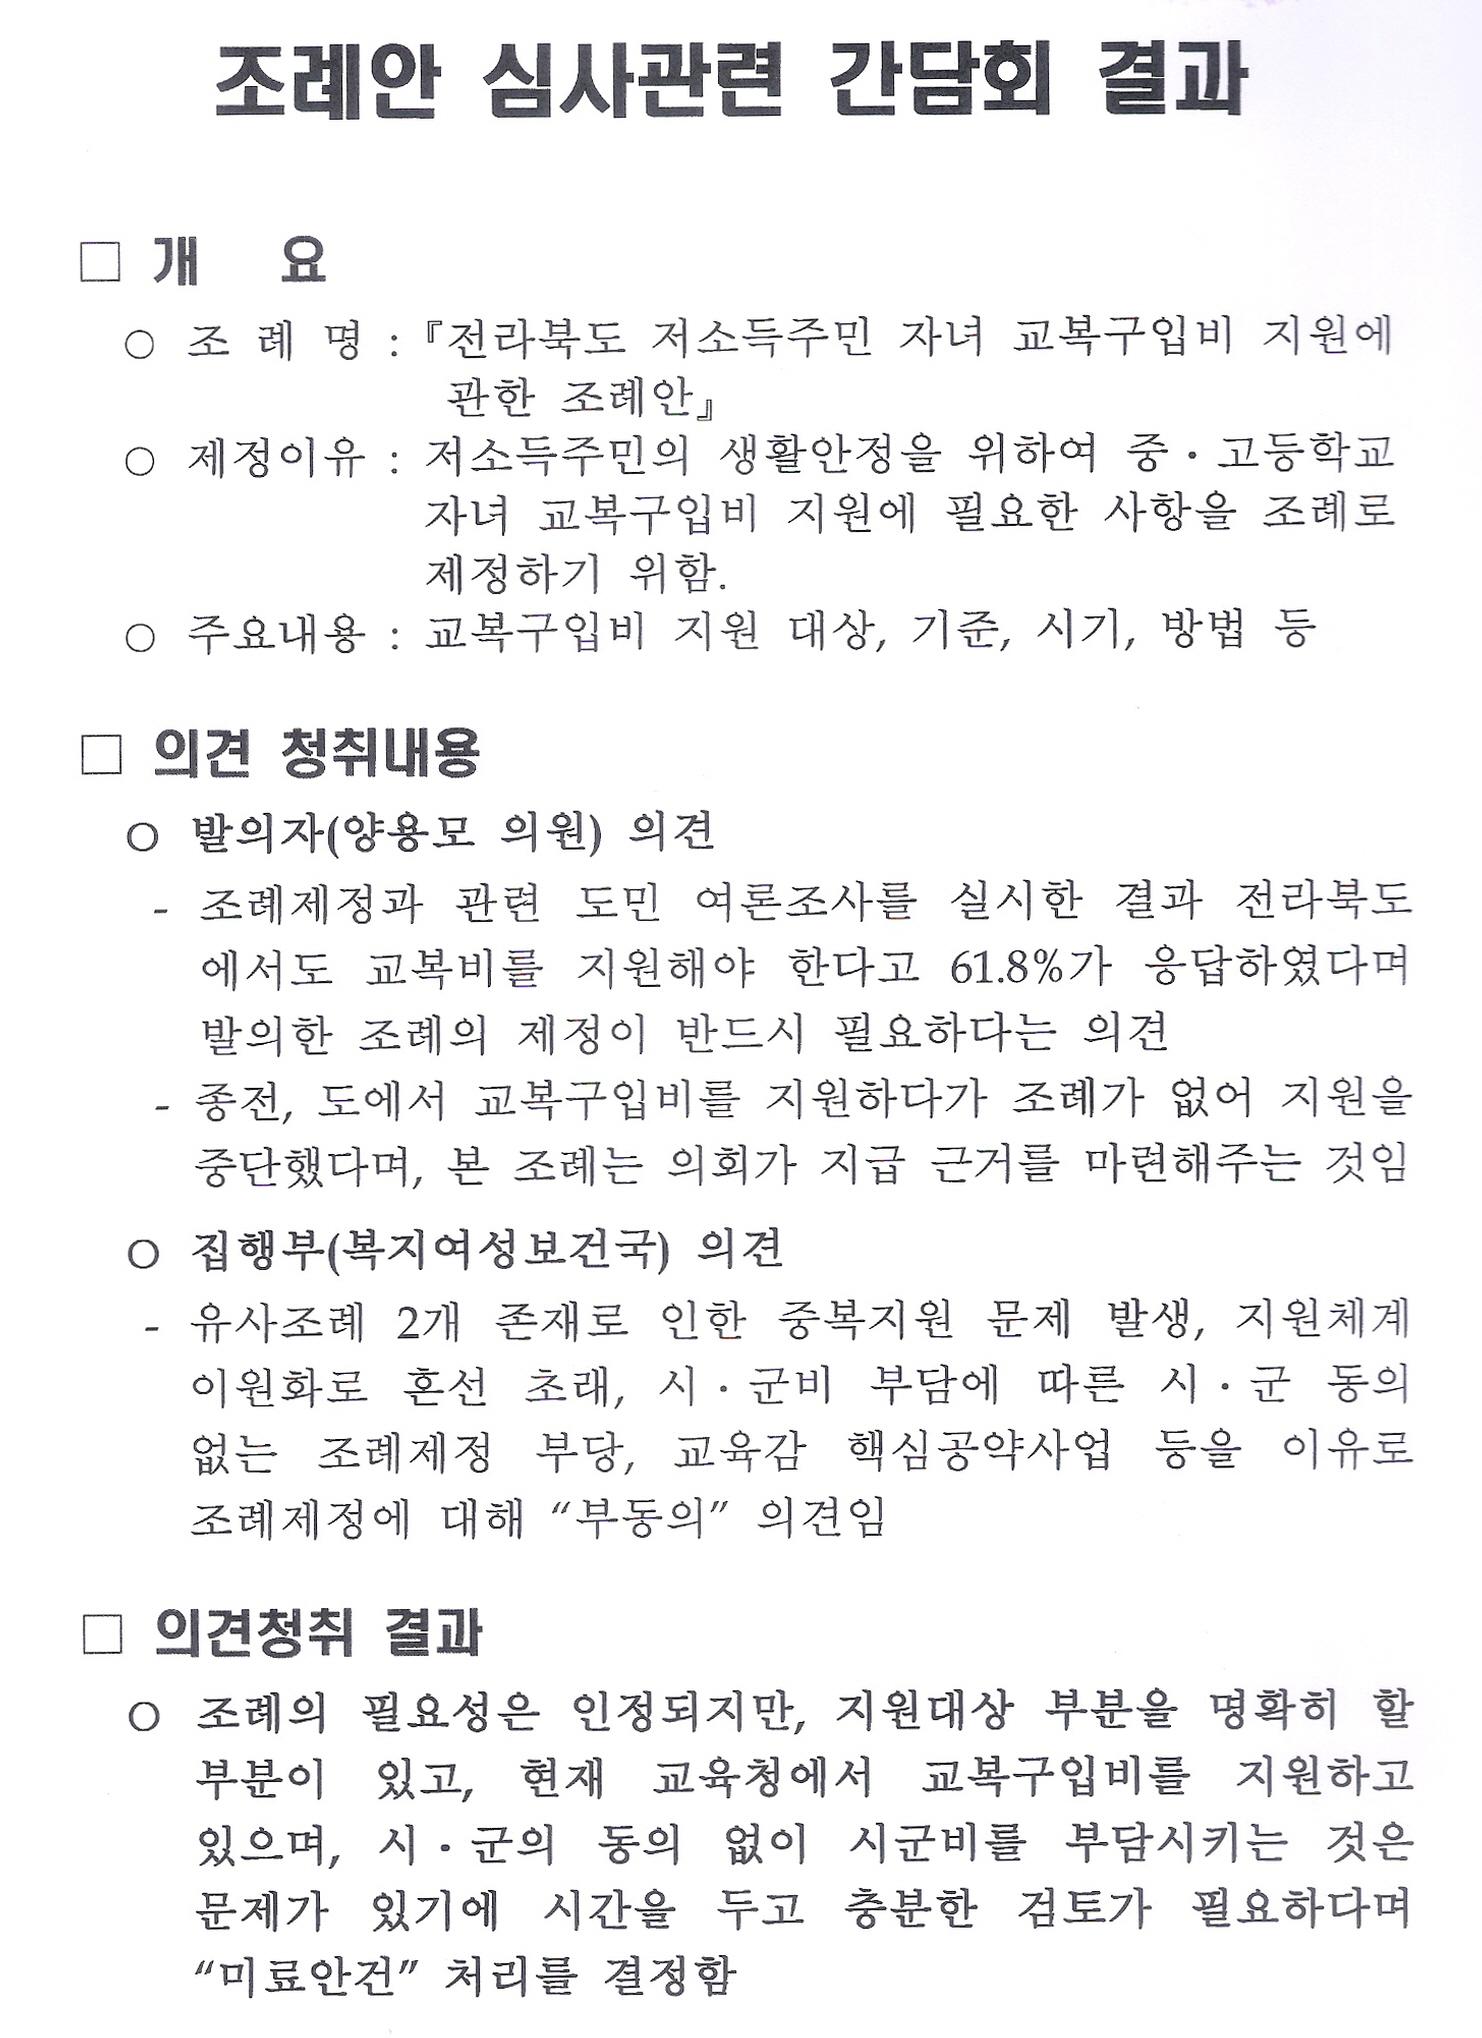 전라북도 교복비 조례안 심사관련 간담회 결과(도의회 환경복지상임위원회).jpg